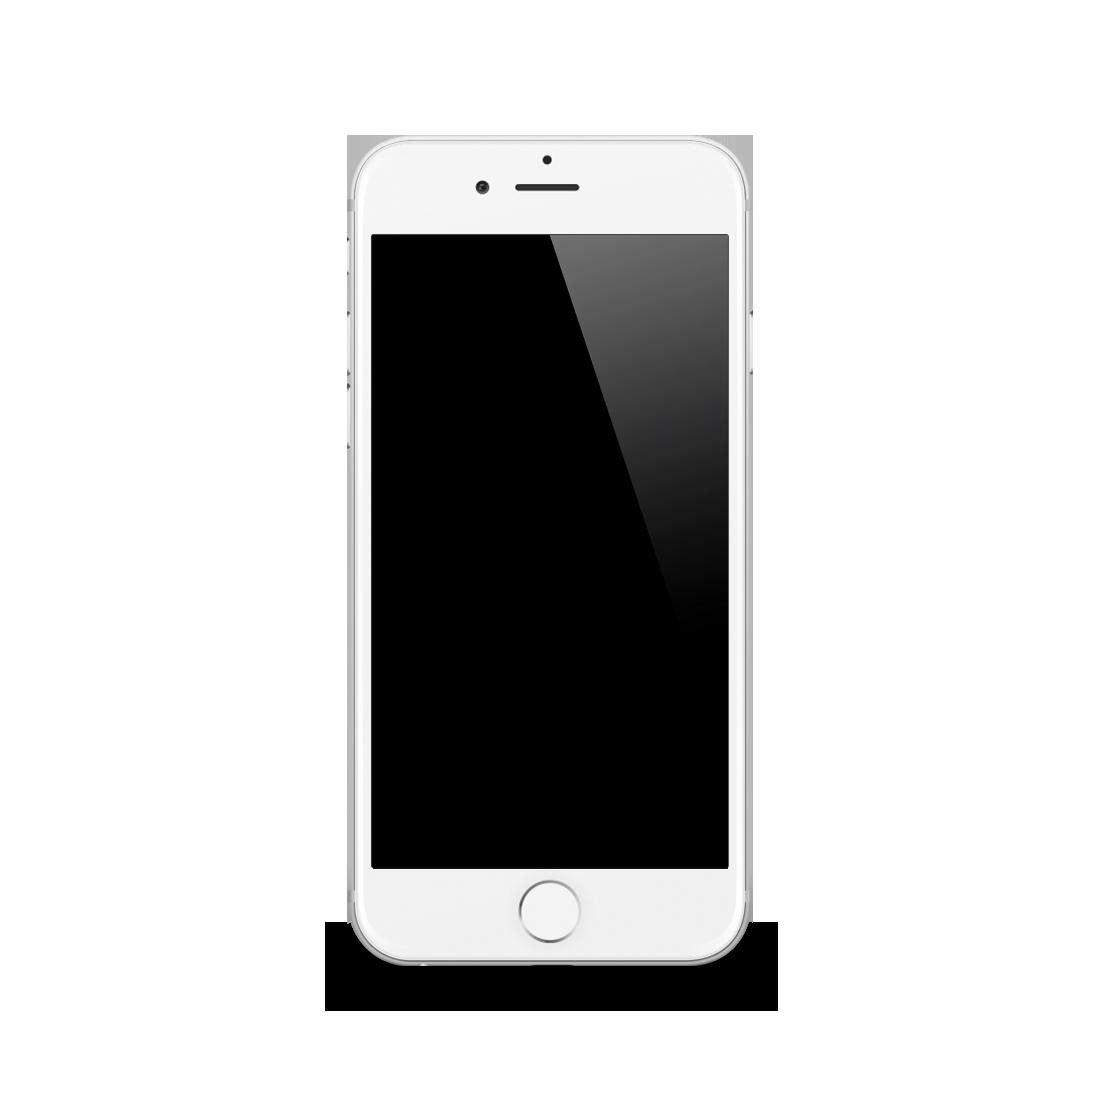 Apple iPhone 7 Plus iPhone 5 iPhone 6s Plus.